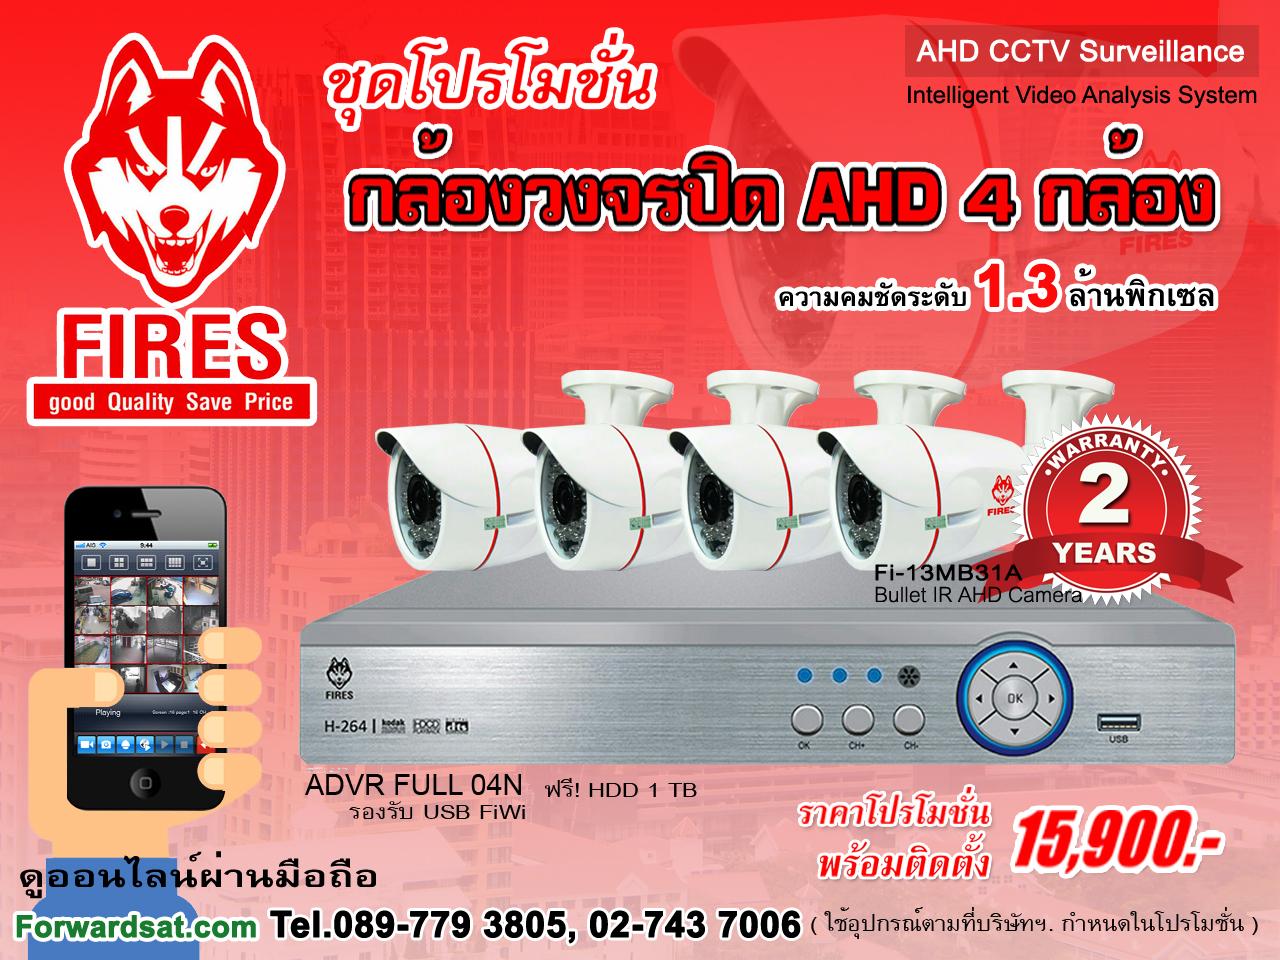 ชุดกล้องวงจรปิด 4 กล้อง Fires HD CCTV